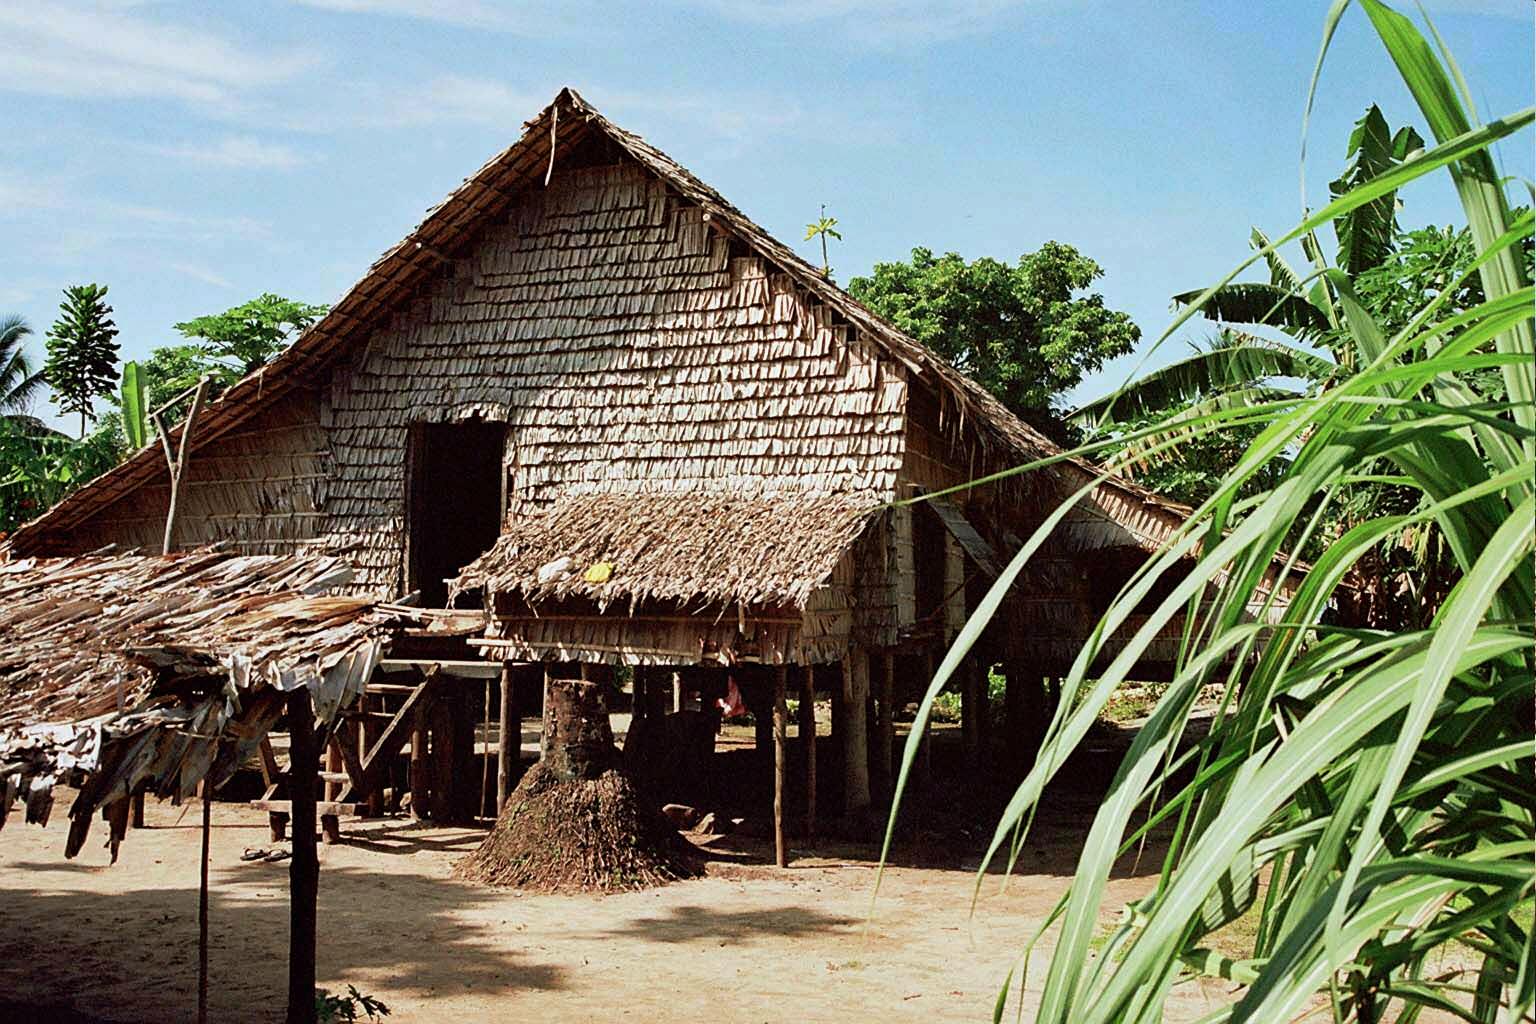 Les maisons de Vanikoro sont construites sur pilotis, et recouvertes de feuilles pour préserver la fraîcheur, 2012. Photo Alexandre François